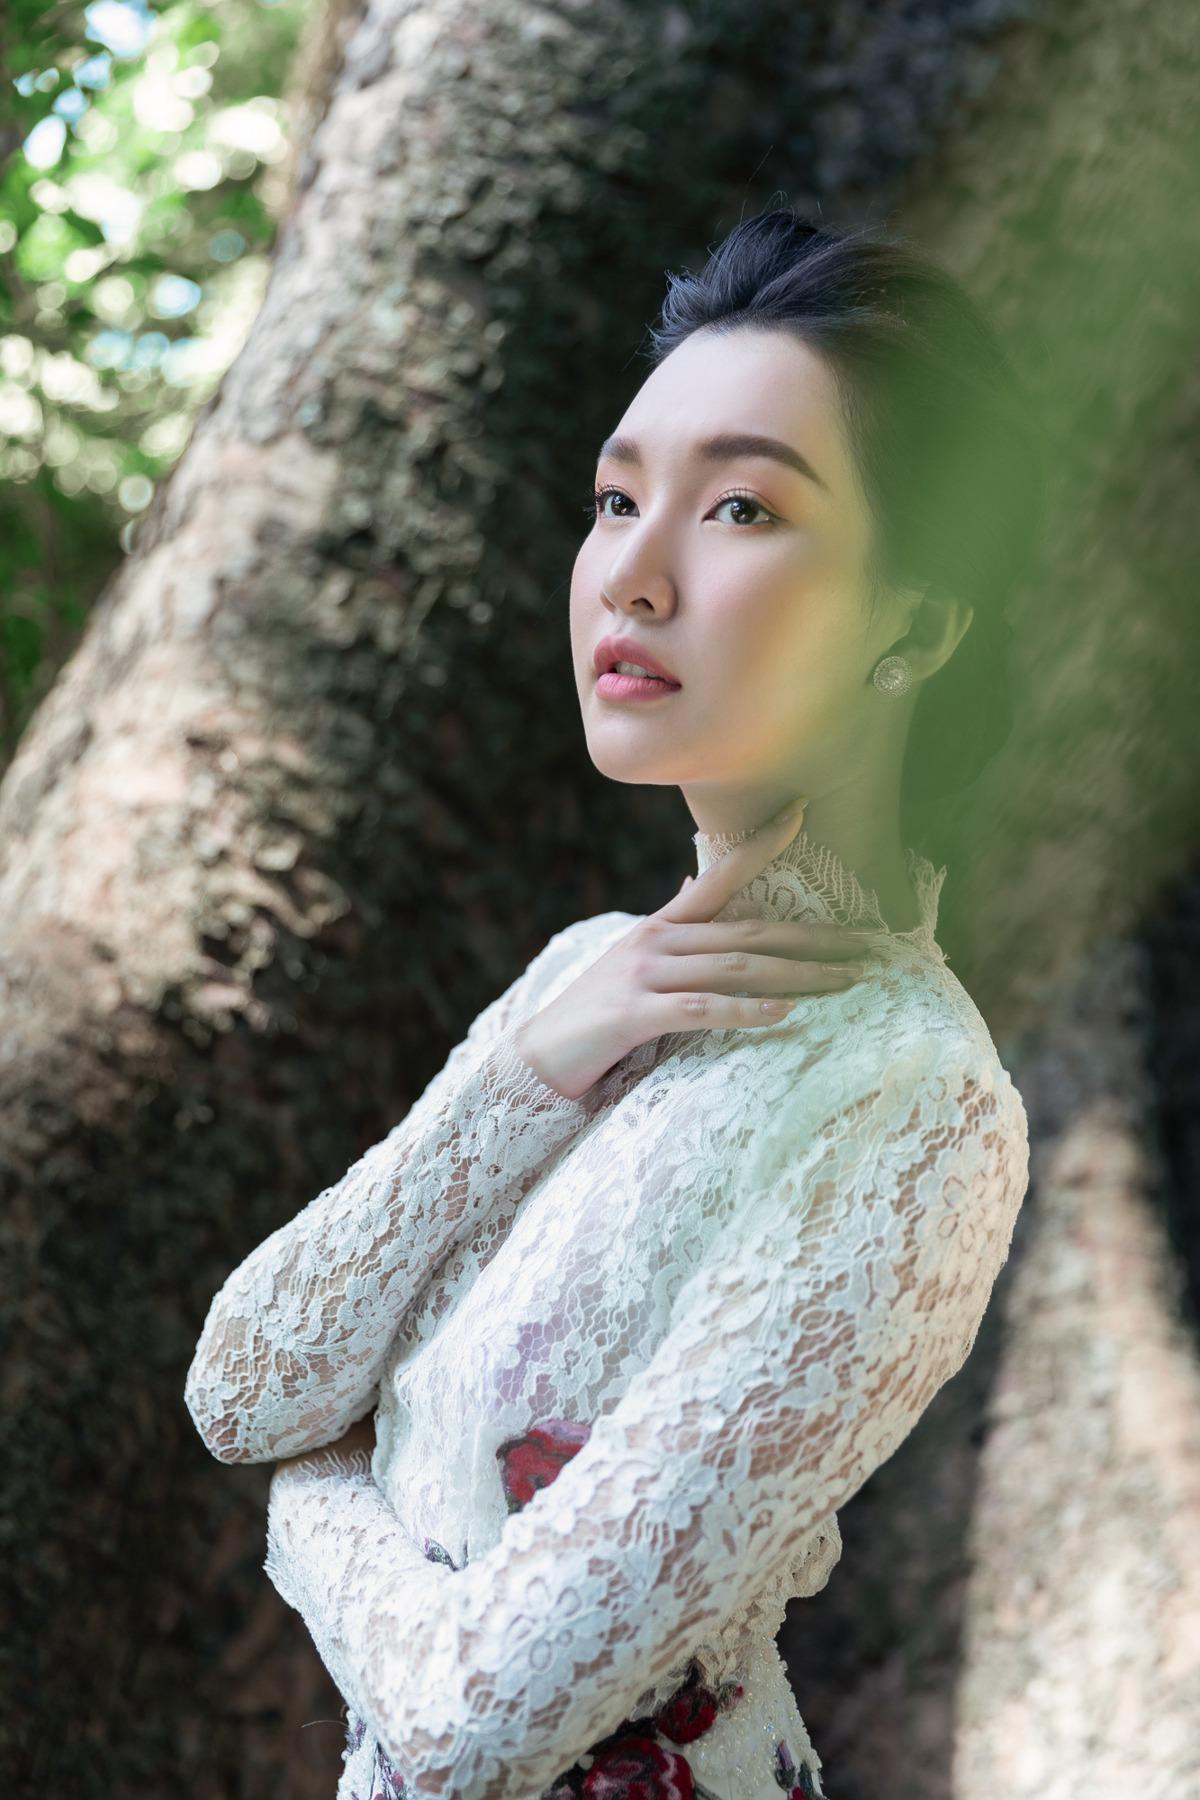 'Nàng thơ xứ Huế' Ngọc Trân cuốn hút với nét mơ màng trong loạt váy áo e ấp Ảnh 17